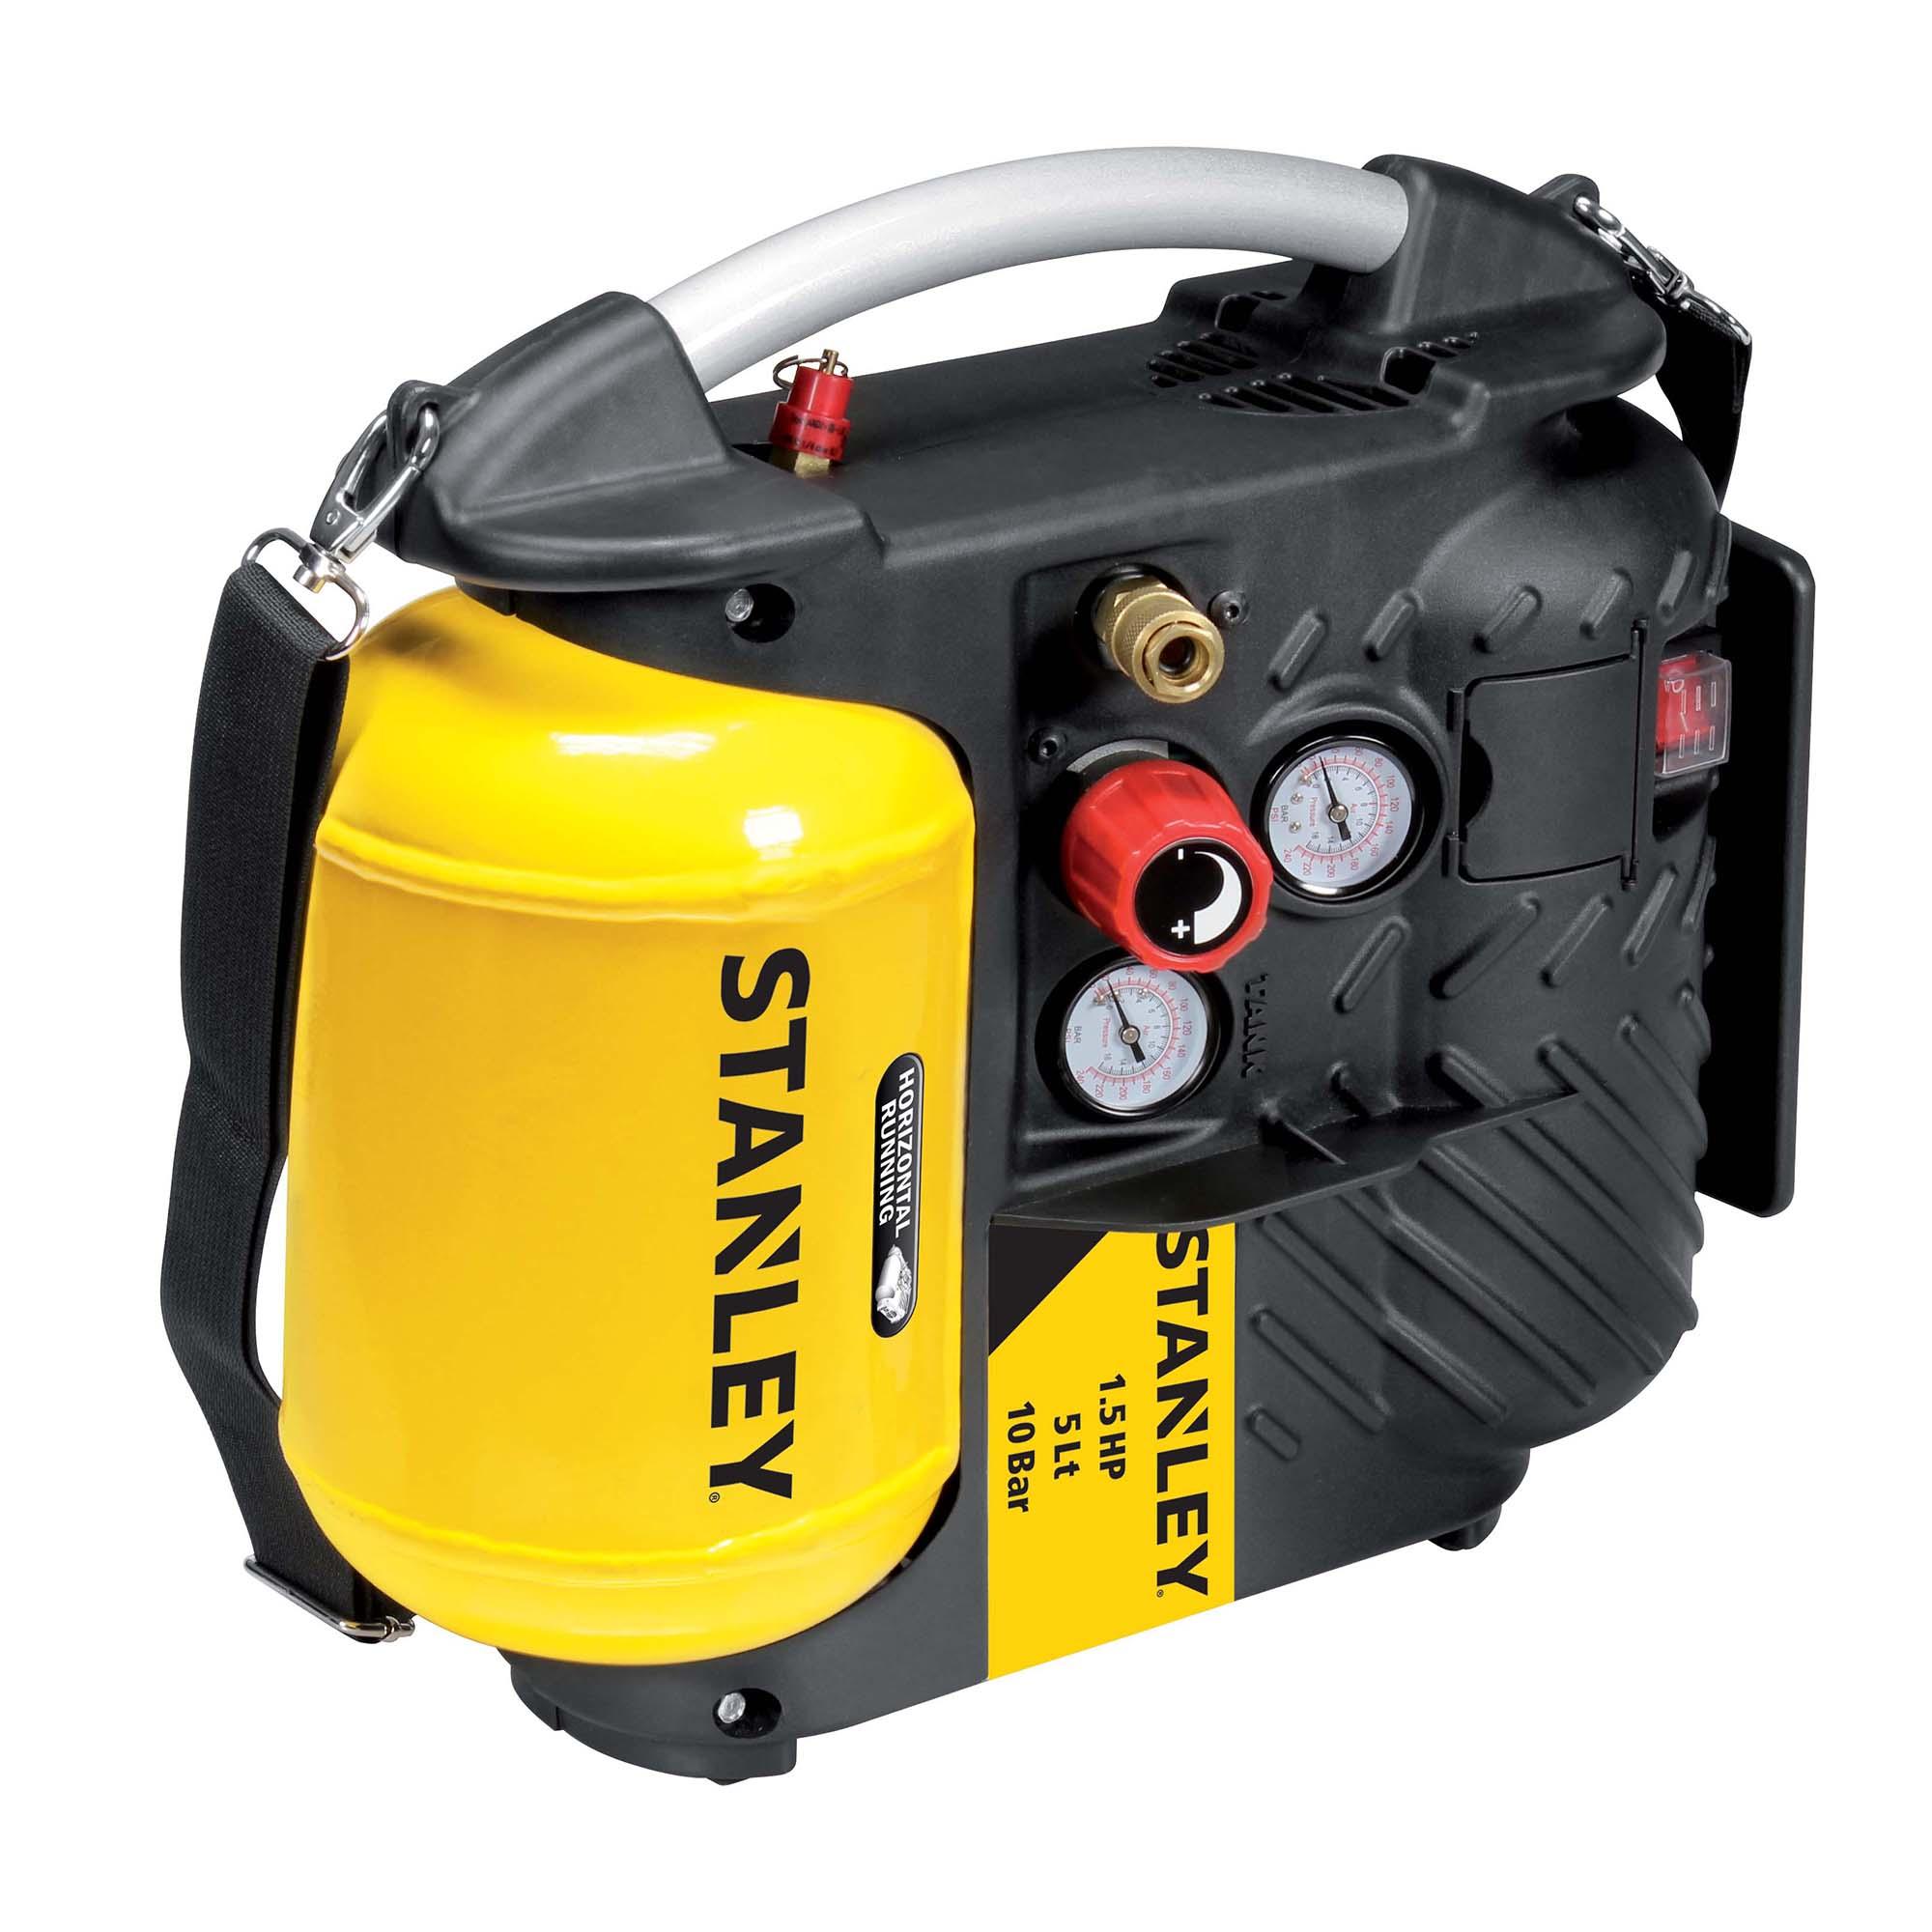 Fotografie Compresor aer fara ulei Stanley, 1100 W, 1.5 Cp, 5 l capacitate rezervor, 10 bar presiune lucru, 180 l/min debit aer